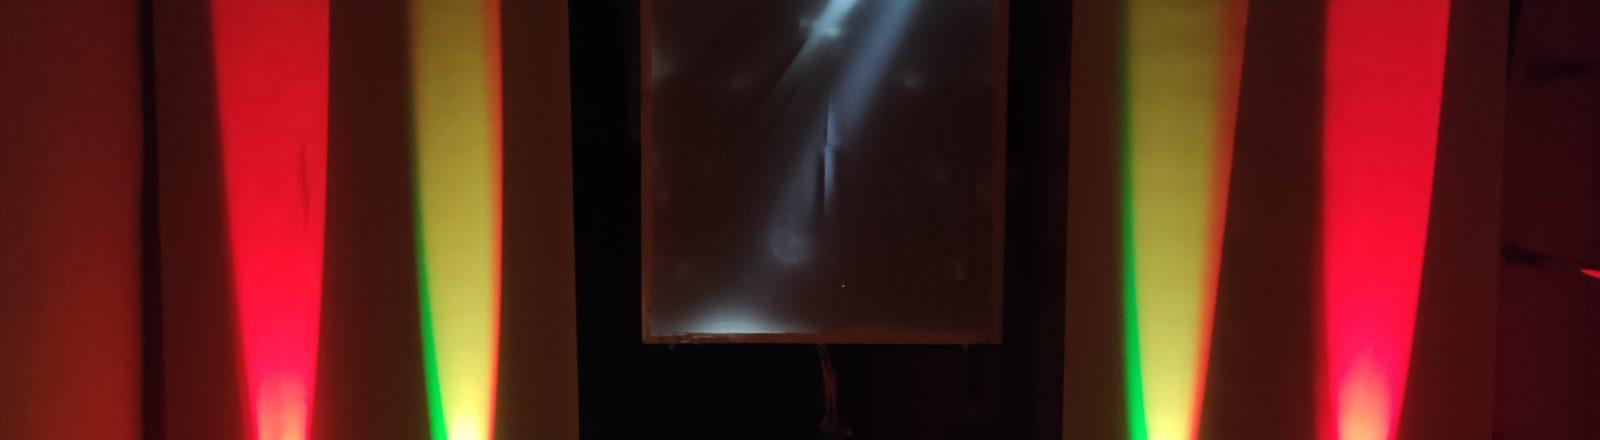 Большой световой инструмент Театра Света